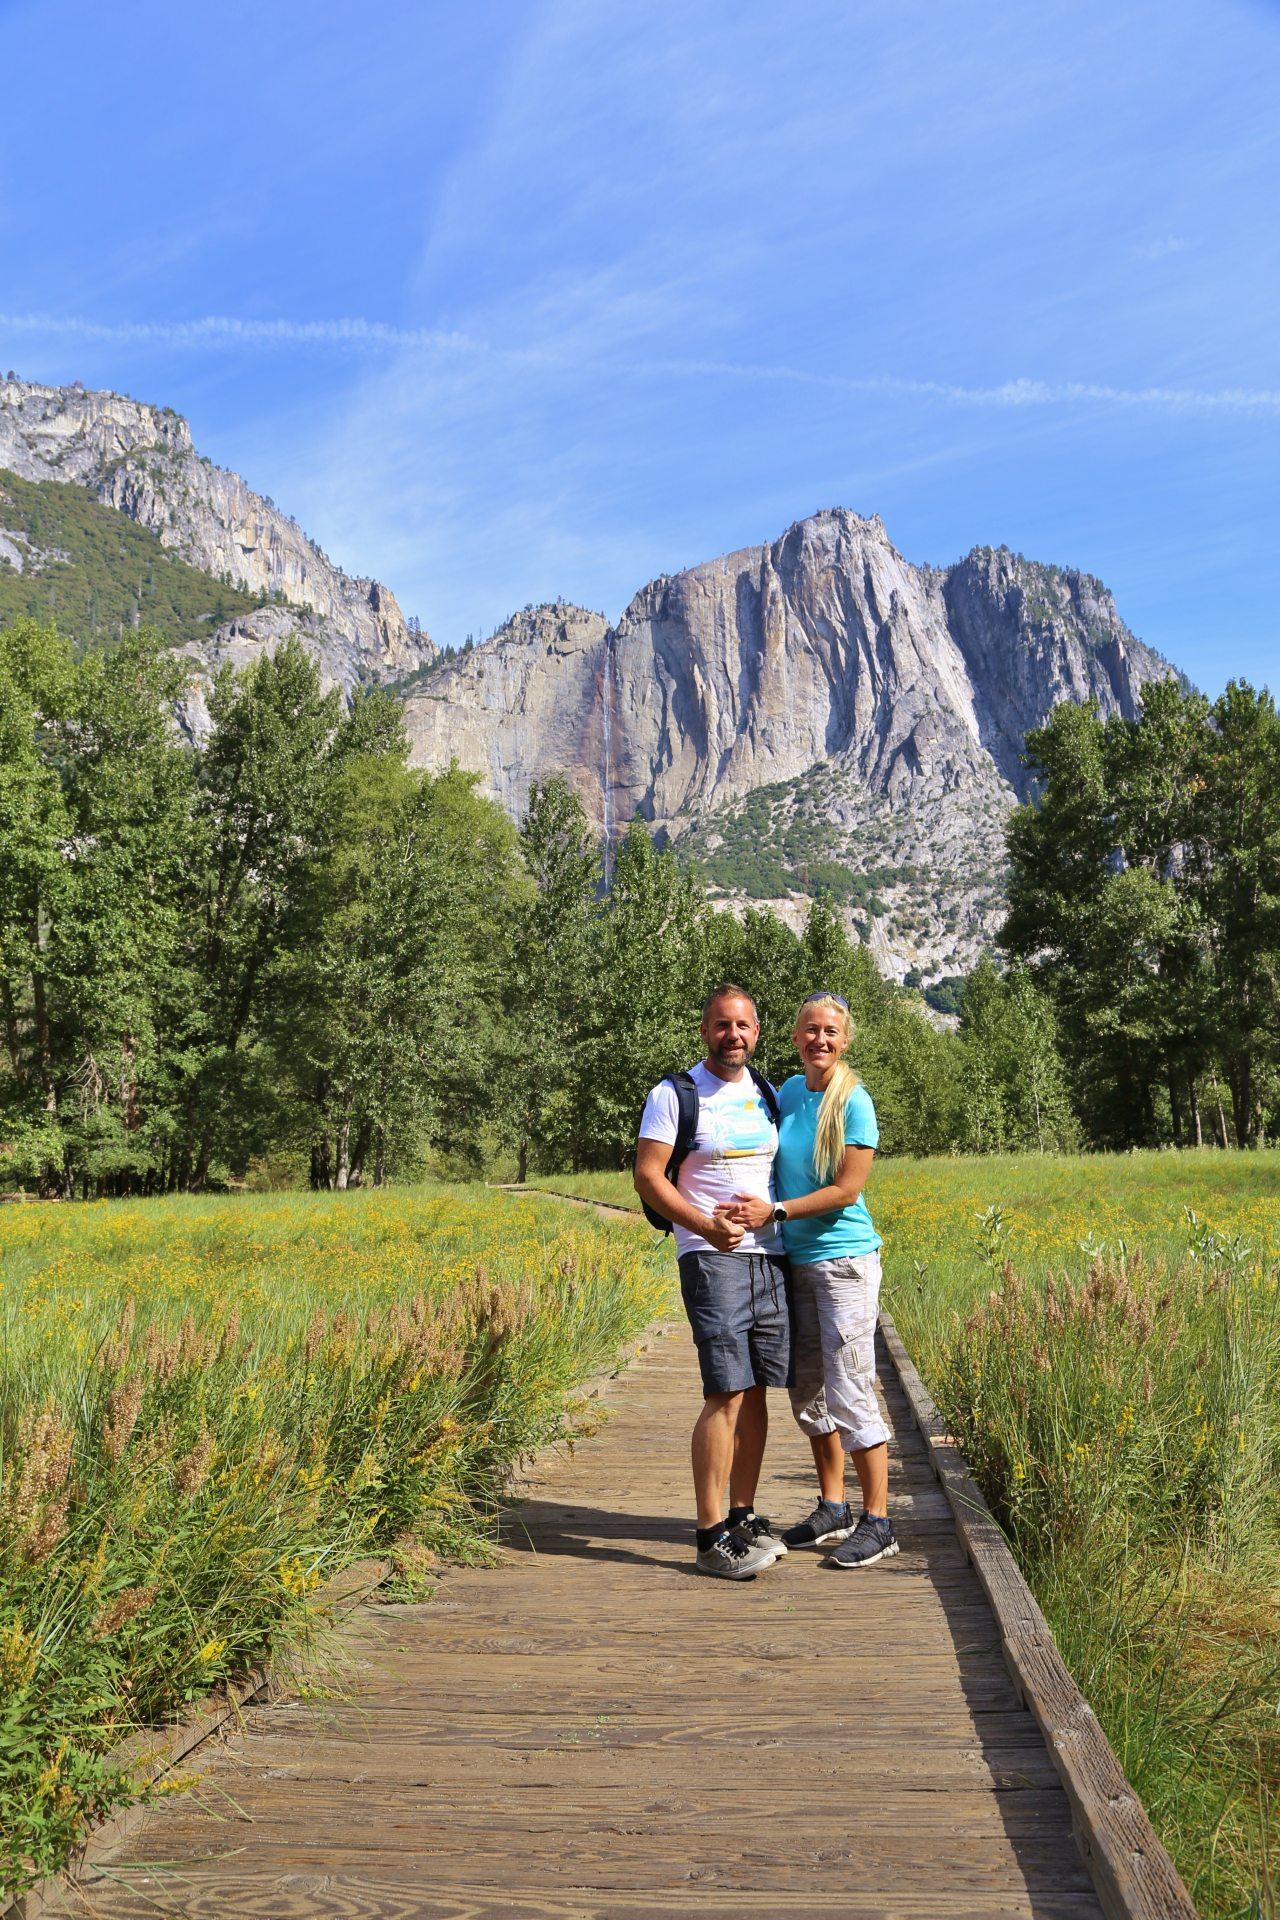 Yosemite Falls von Sentinel Meadow aus - Aussicht, Bäume, Berge, Blondine, Fernsicht, Himmel, Holzweg, Kalifornien, Landschaft, malerisch, Natur, Panorama, Personen, Pfad, Portrait, Porträt, Sentinel Meadow, Steg, traumhaft, Wasserfall, Weg, Wiese, Wolken, Yosemite Falls, Yosemite National Park - HOFBAUER-HOFMANN Sofia, WEISSINGER Andreas - (Yosemite Village, Yosemite National Park, California, Vereinigte Staaten)